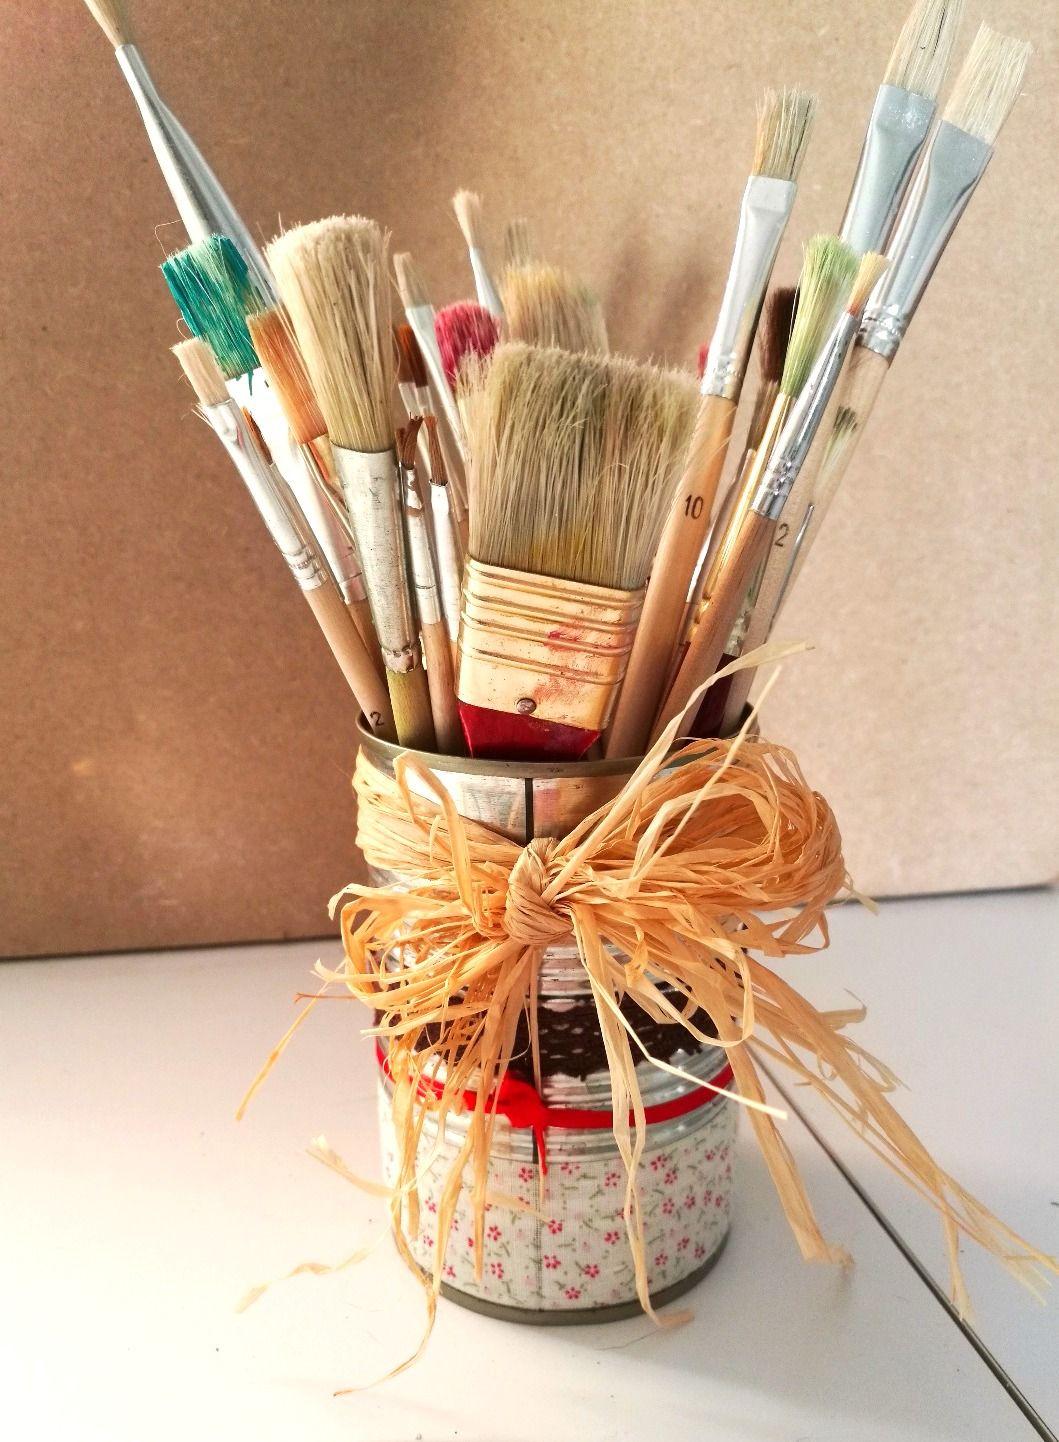 Une jolie boîte à crayons